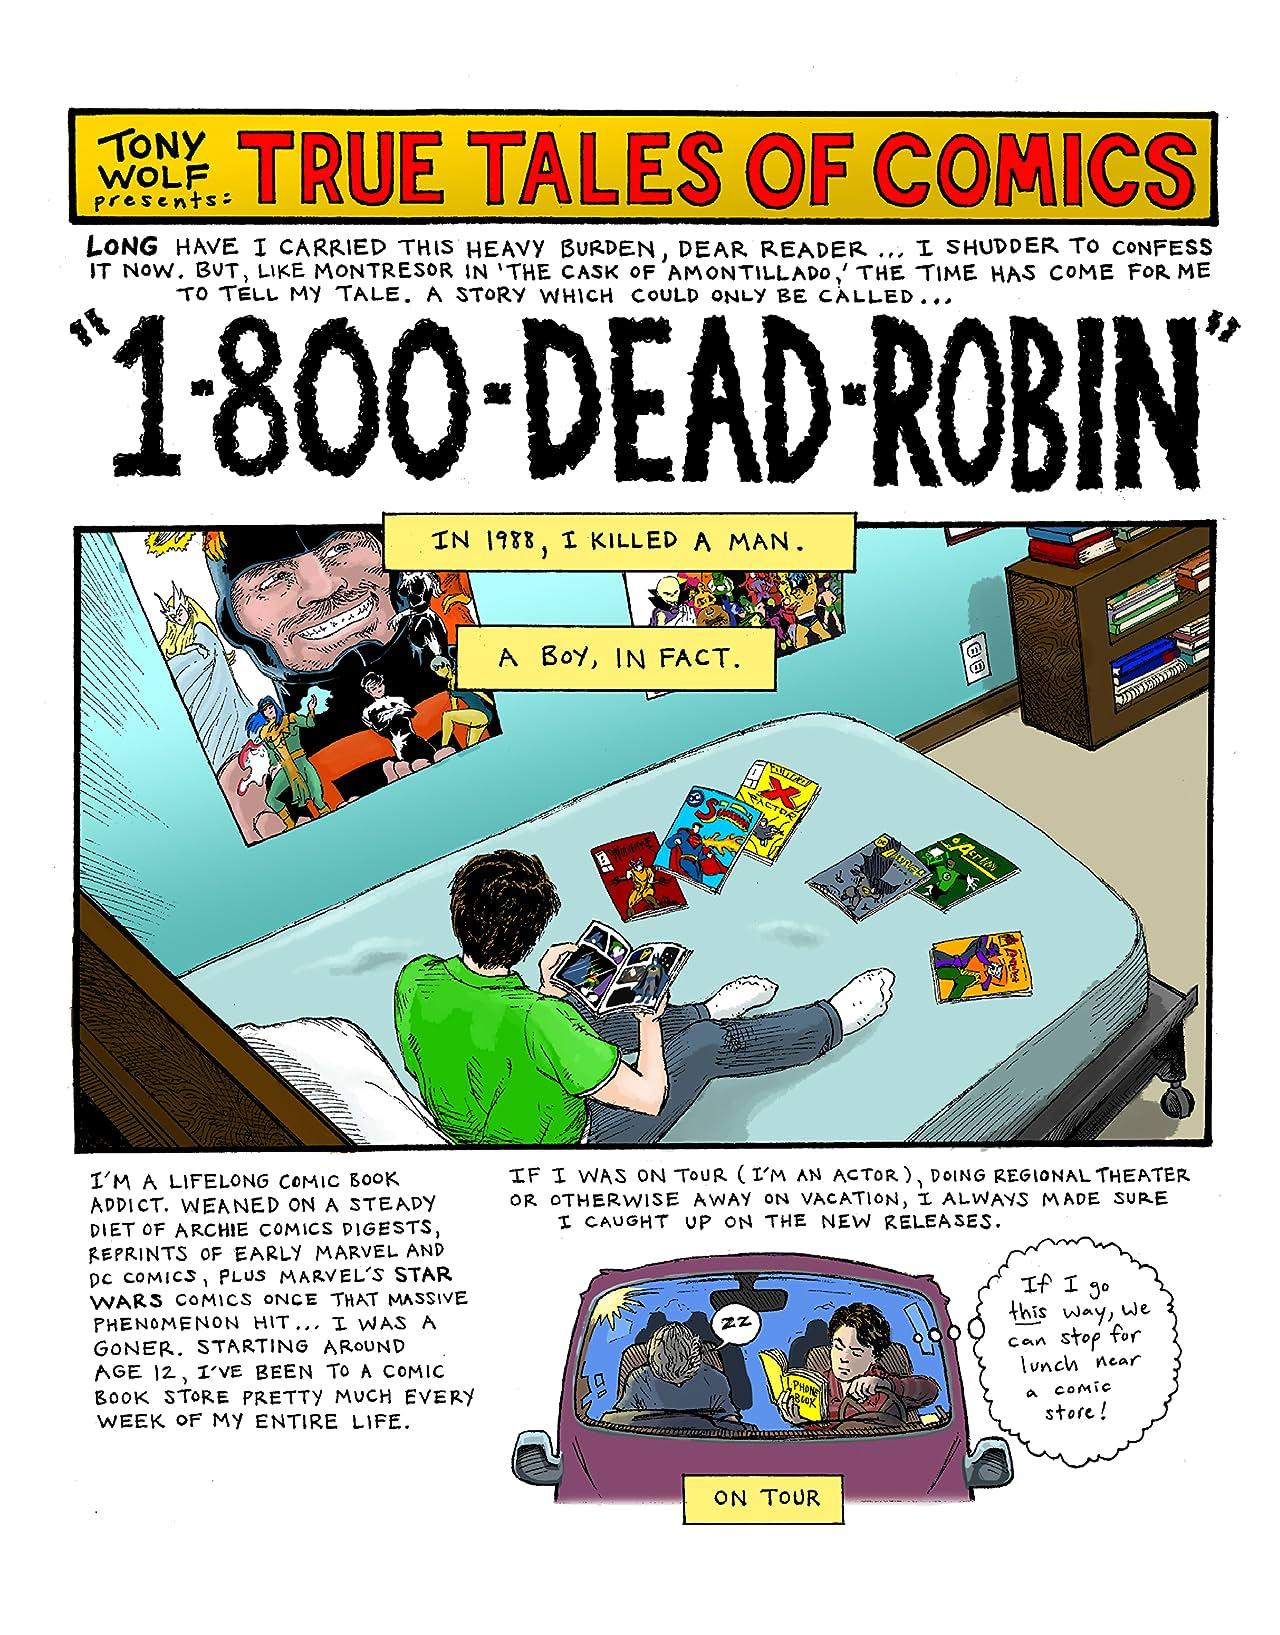 True Tales of Comics